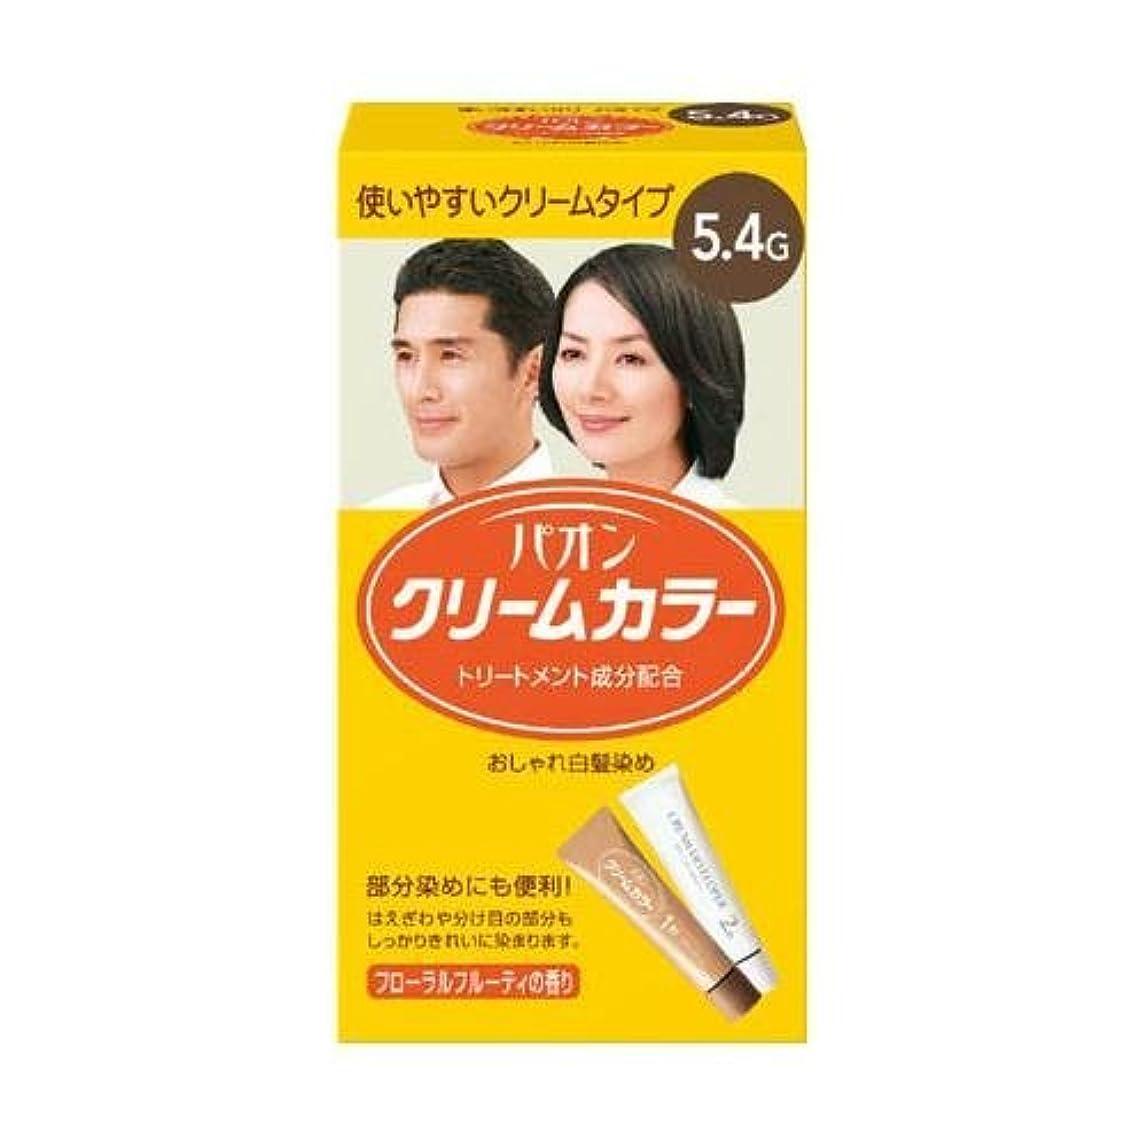 【シュワルツコフ ヘンケル】パオンクリームカラー5.4-Gくすんだ濃いめの栗色40g+40g ×20個セット